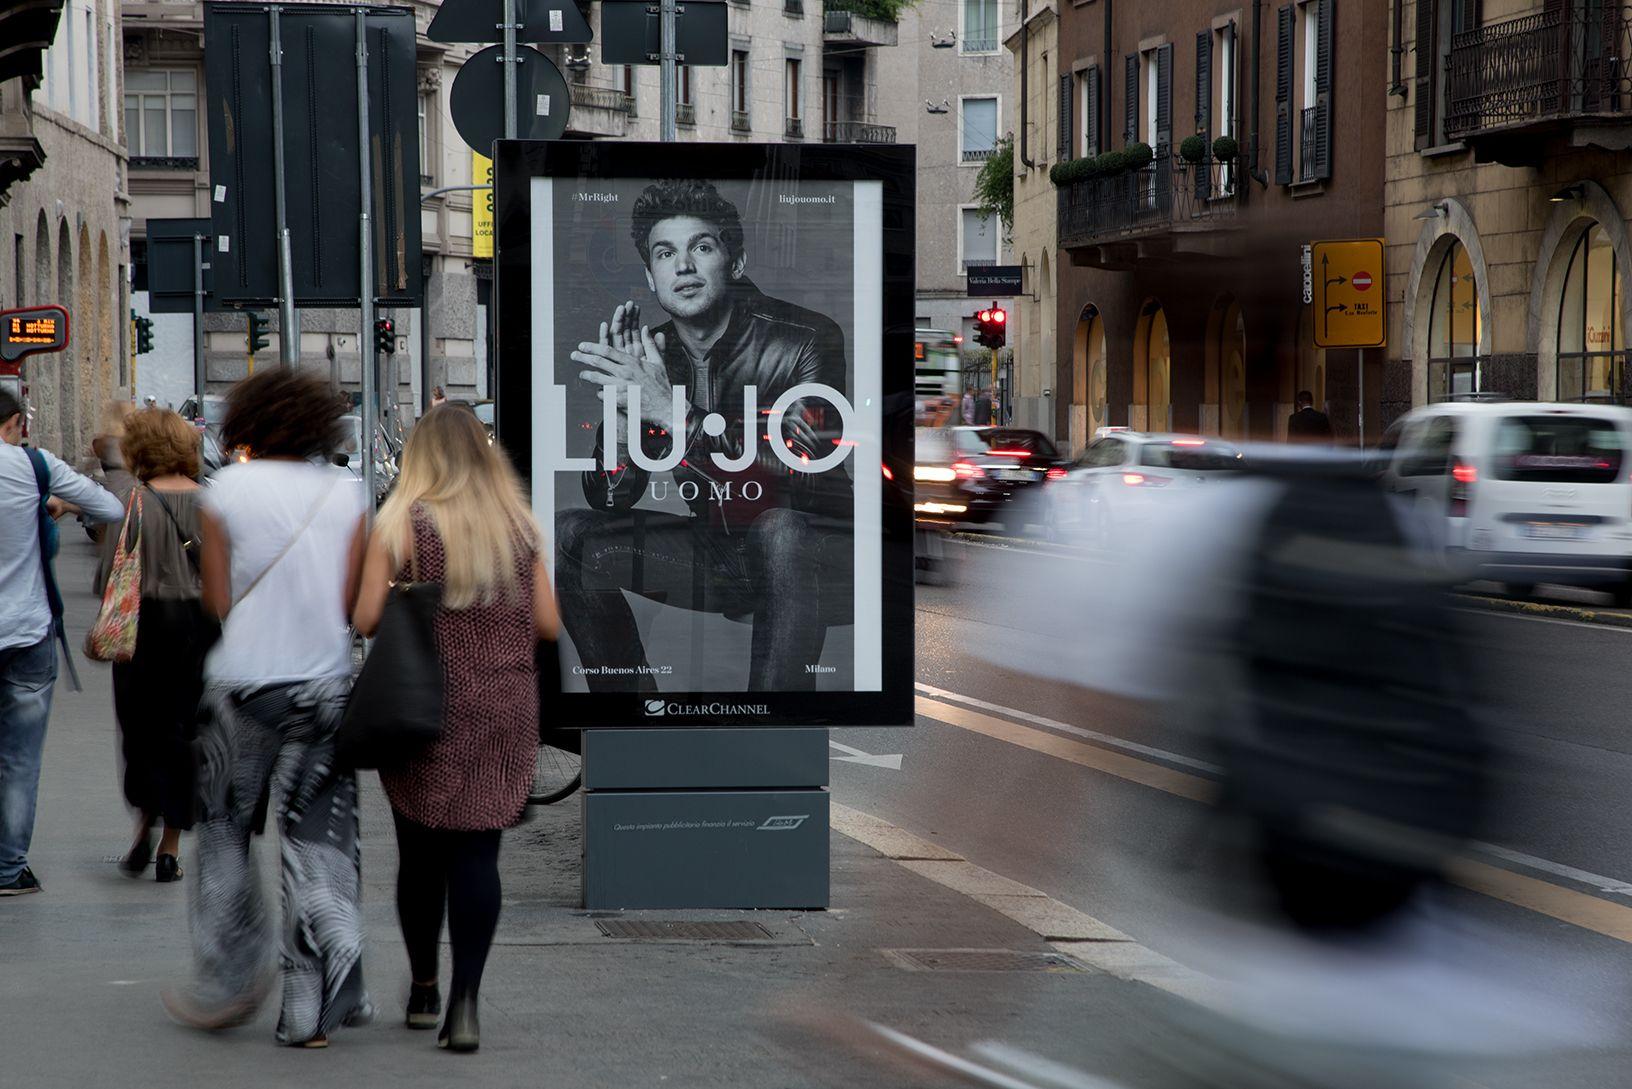 LIU JO Campagna Outdoor Milano - Italia  liujo  abbigliamento  moda  milano    b7891287130